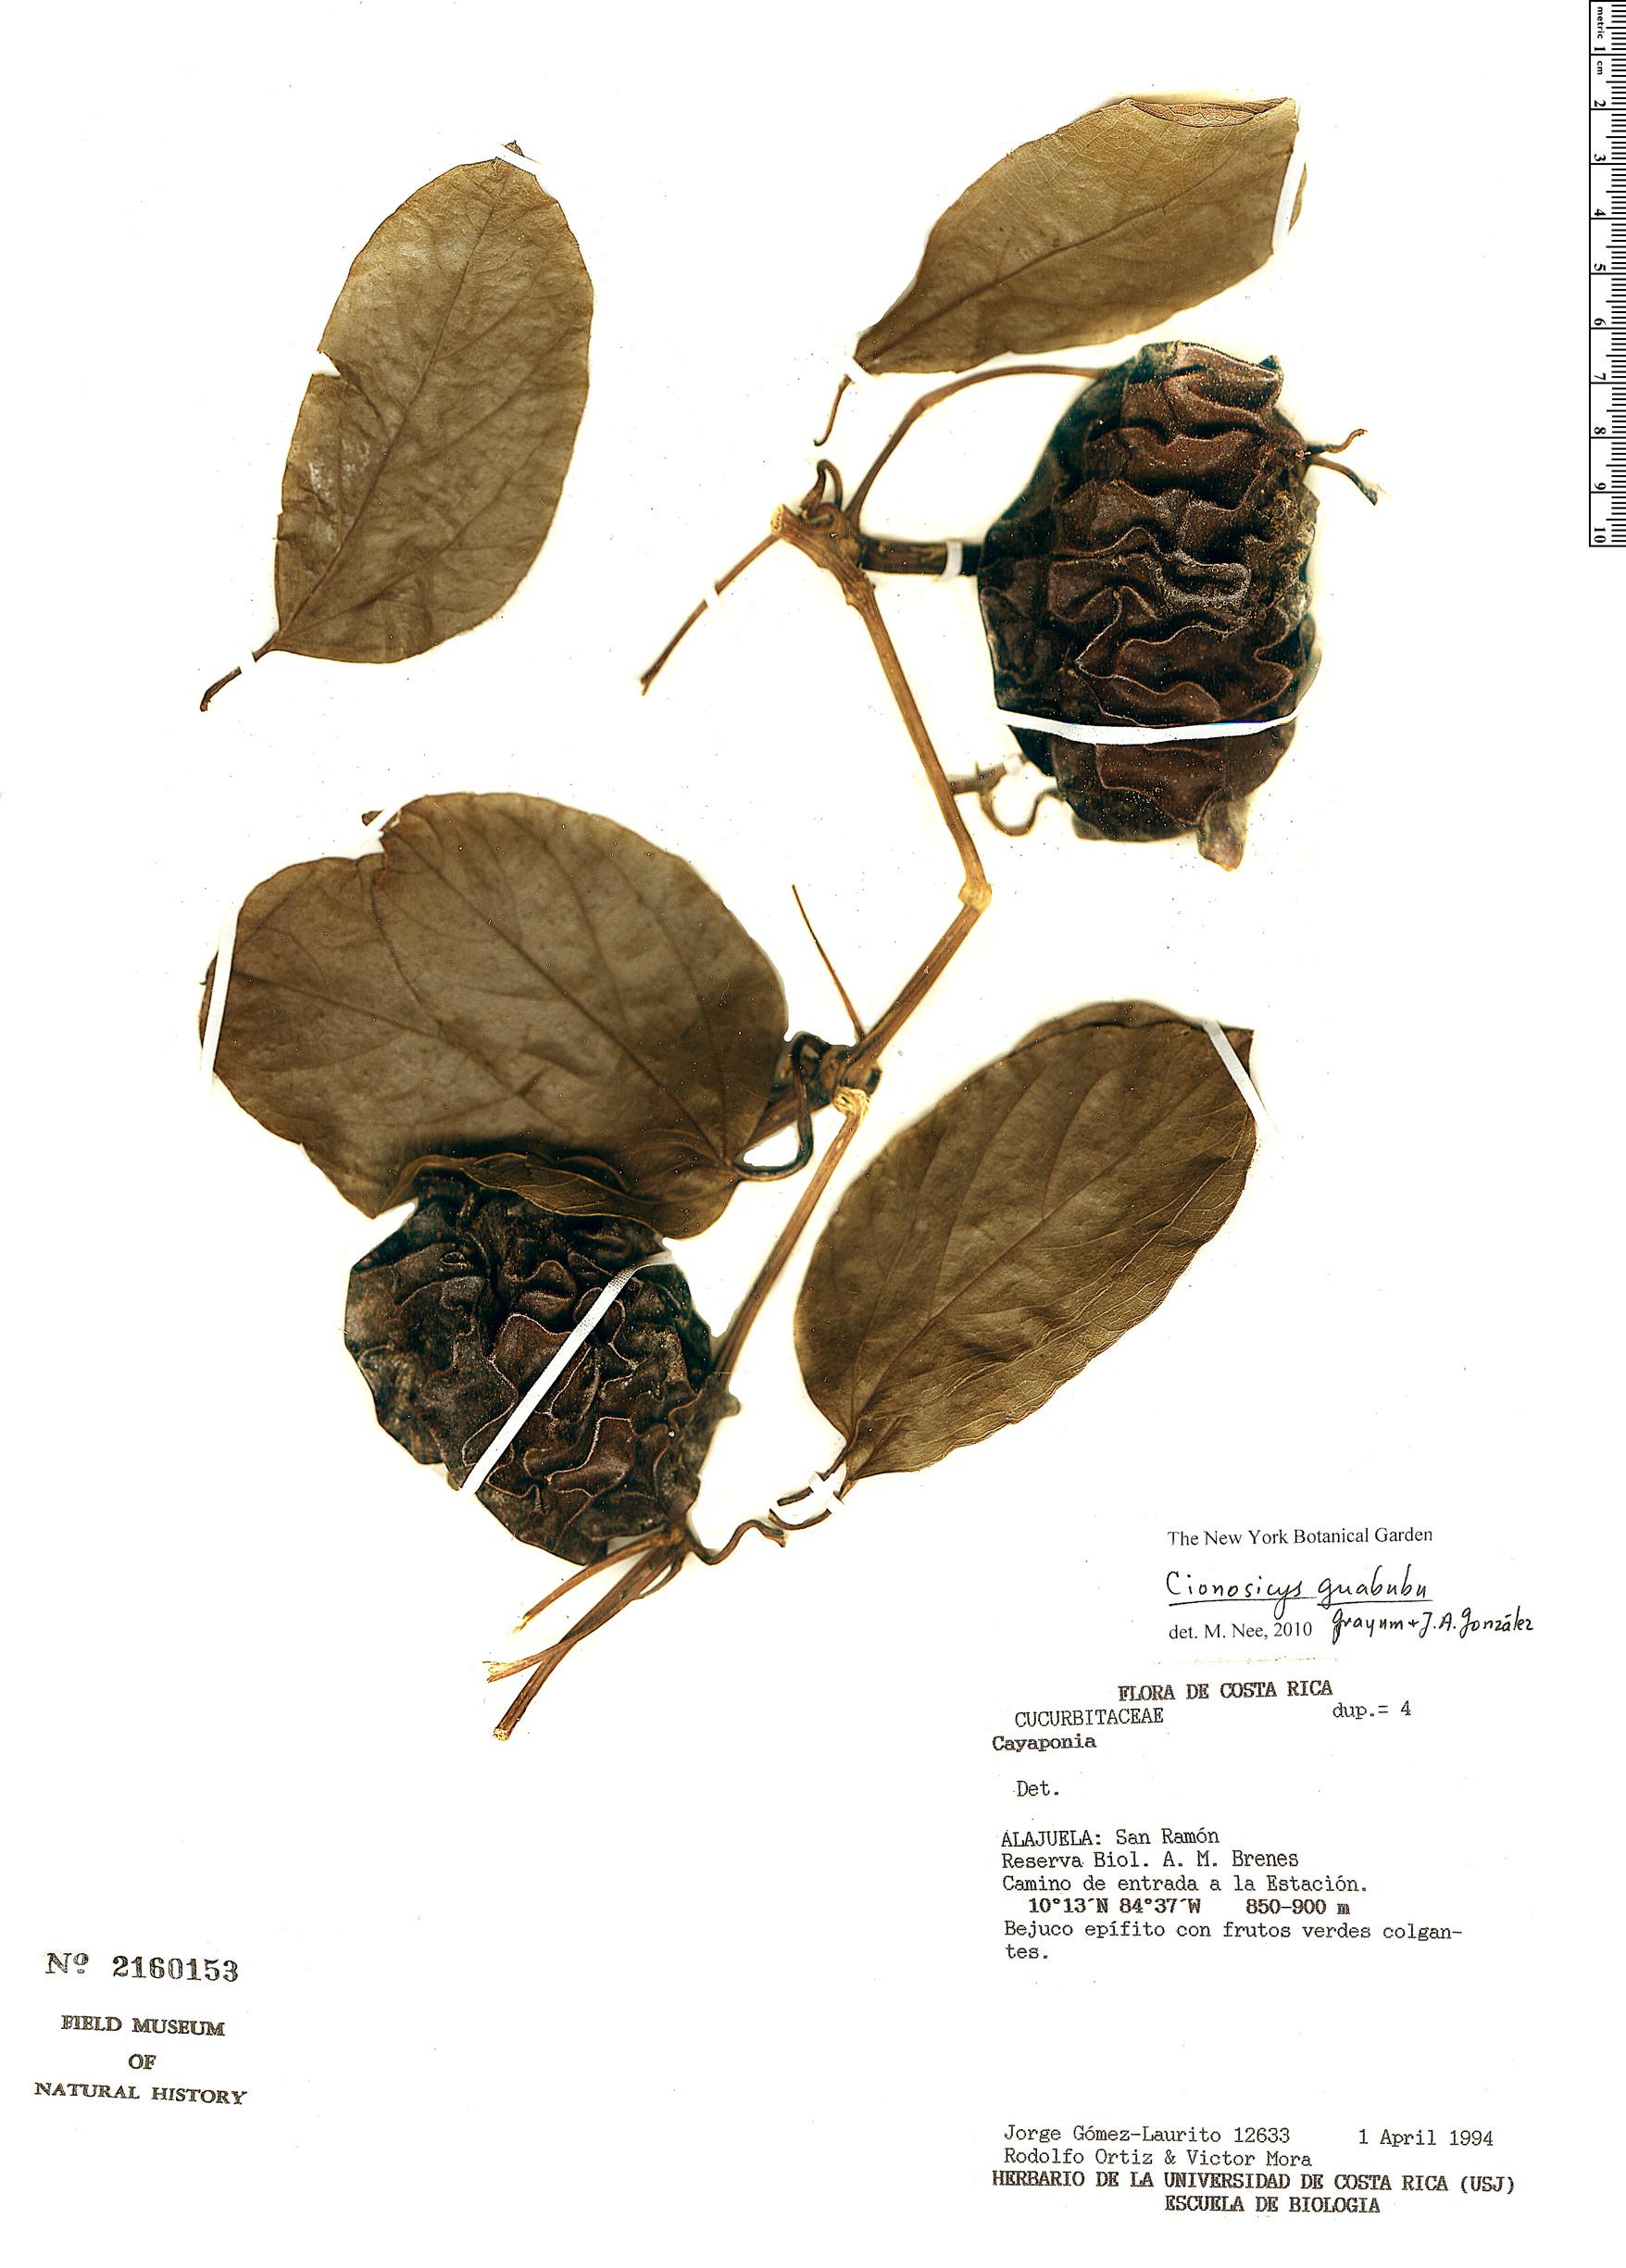 Espécime: Cionosicys guabubu